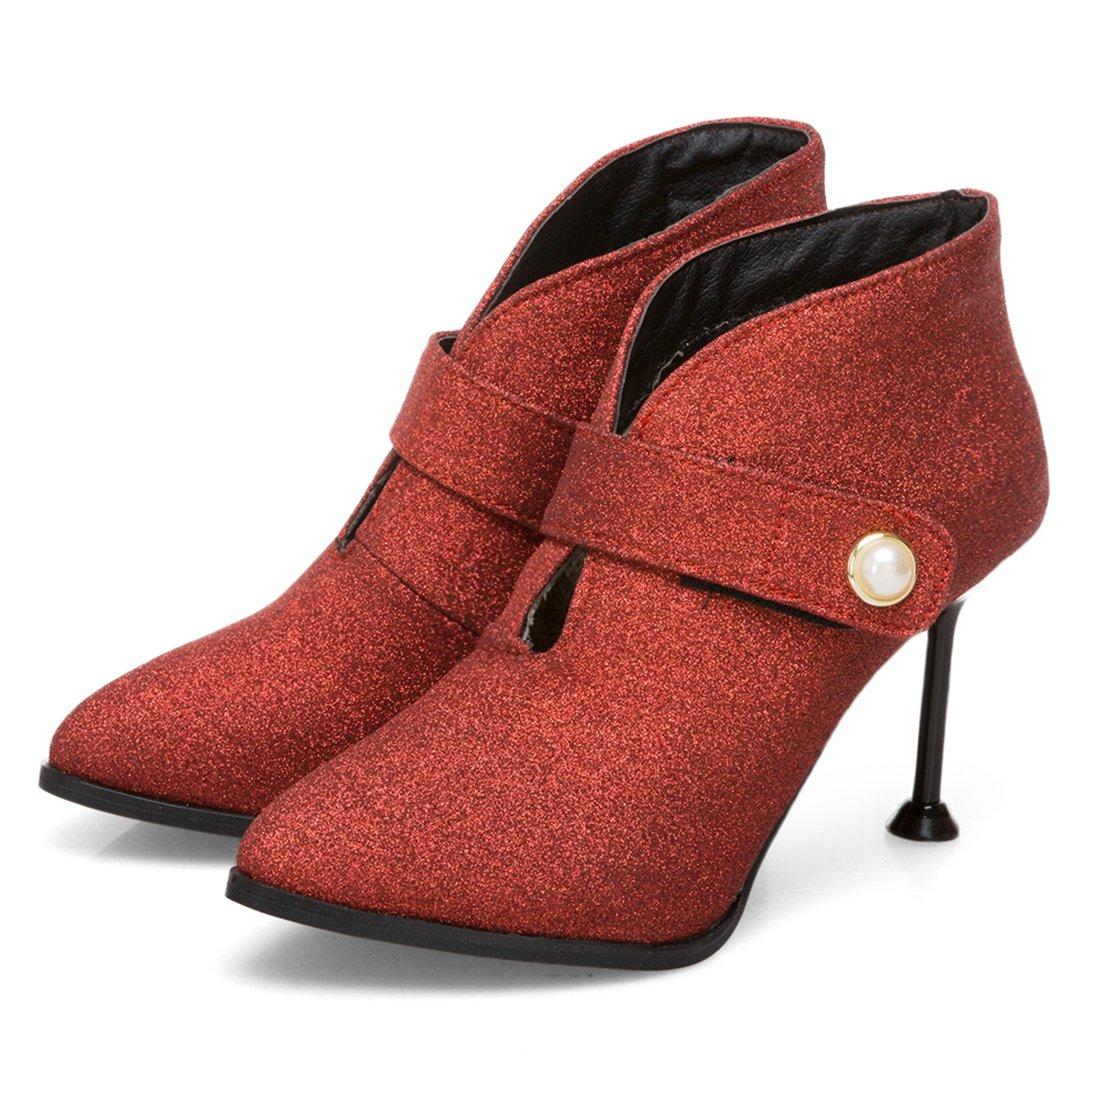 e11903af540b21 AIYOUMEI Stiletto Stiefeletten mit Glitzer Ankle Boots für Damen High Heels  Pumps Spitz  Amazon.de  Schuhe   Handtaschen